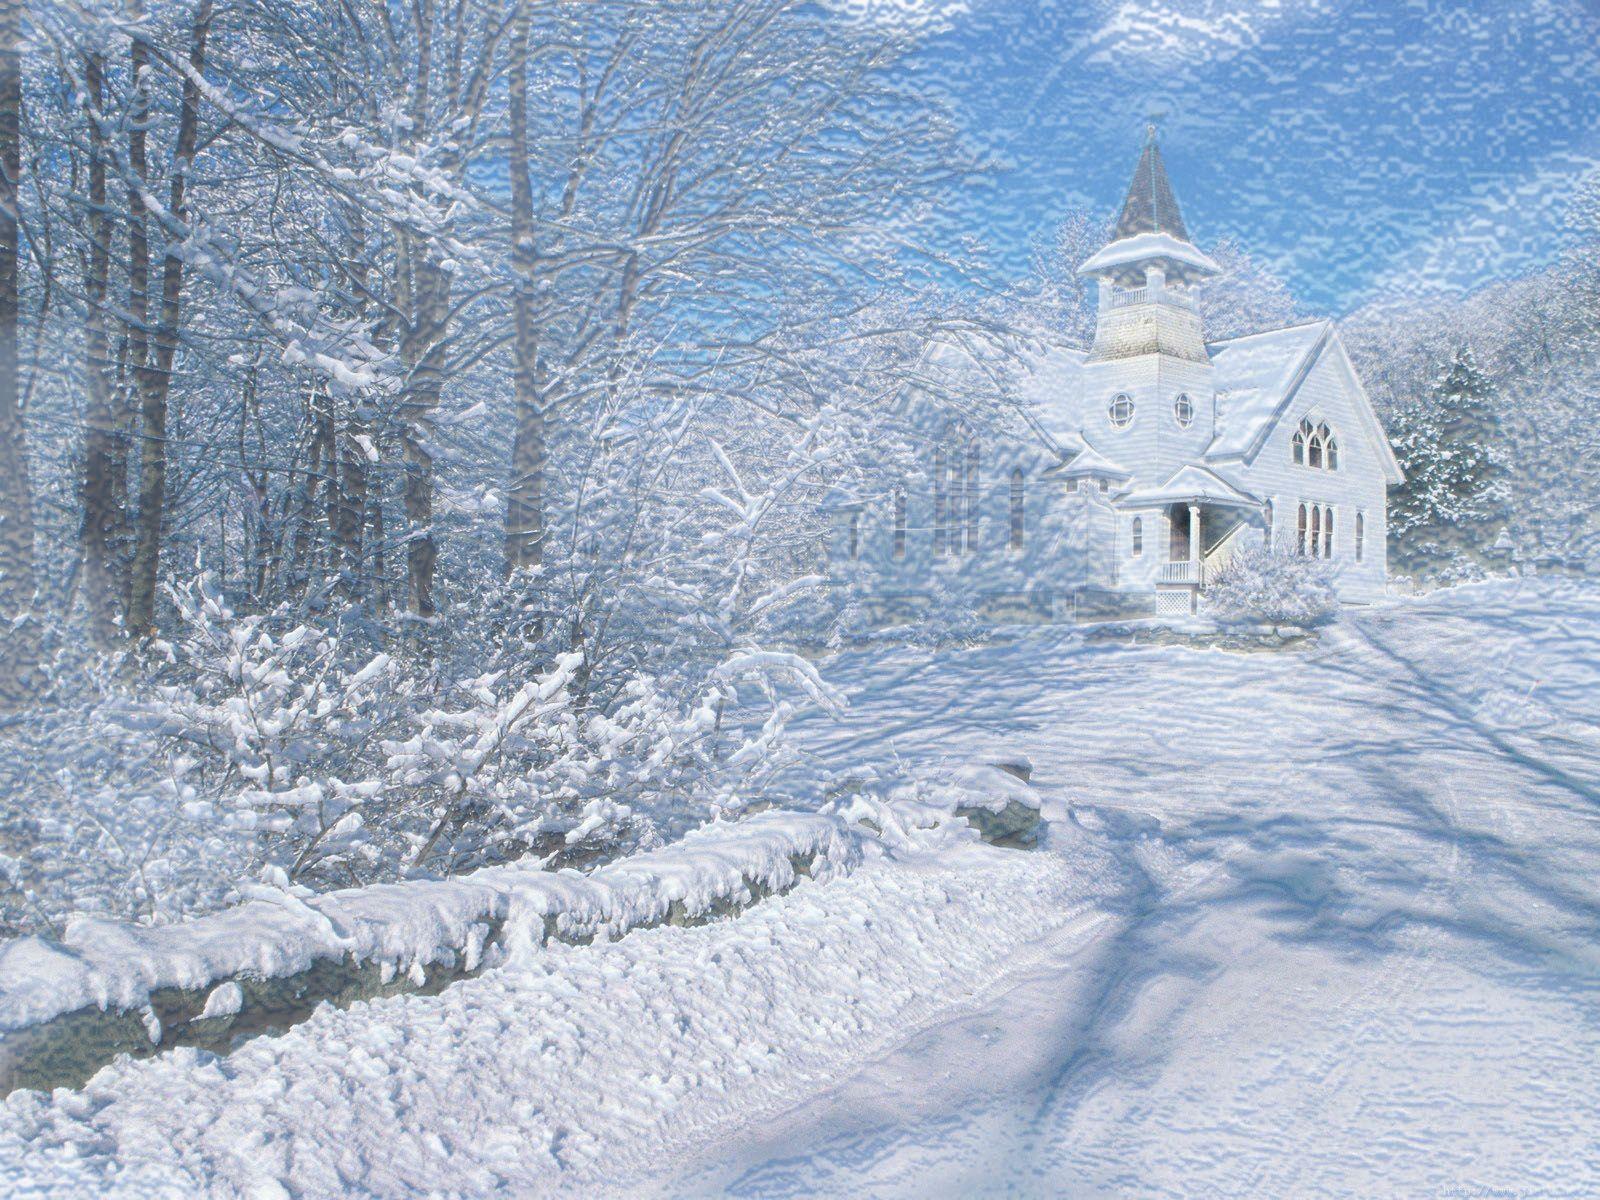 Free Desktop Wallpapers Winter Scenes